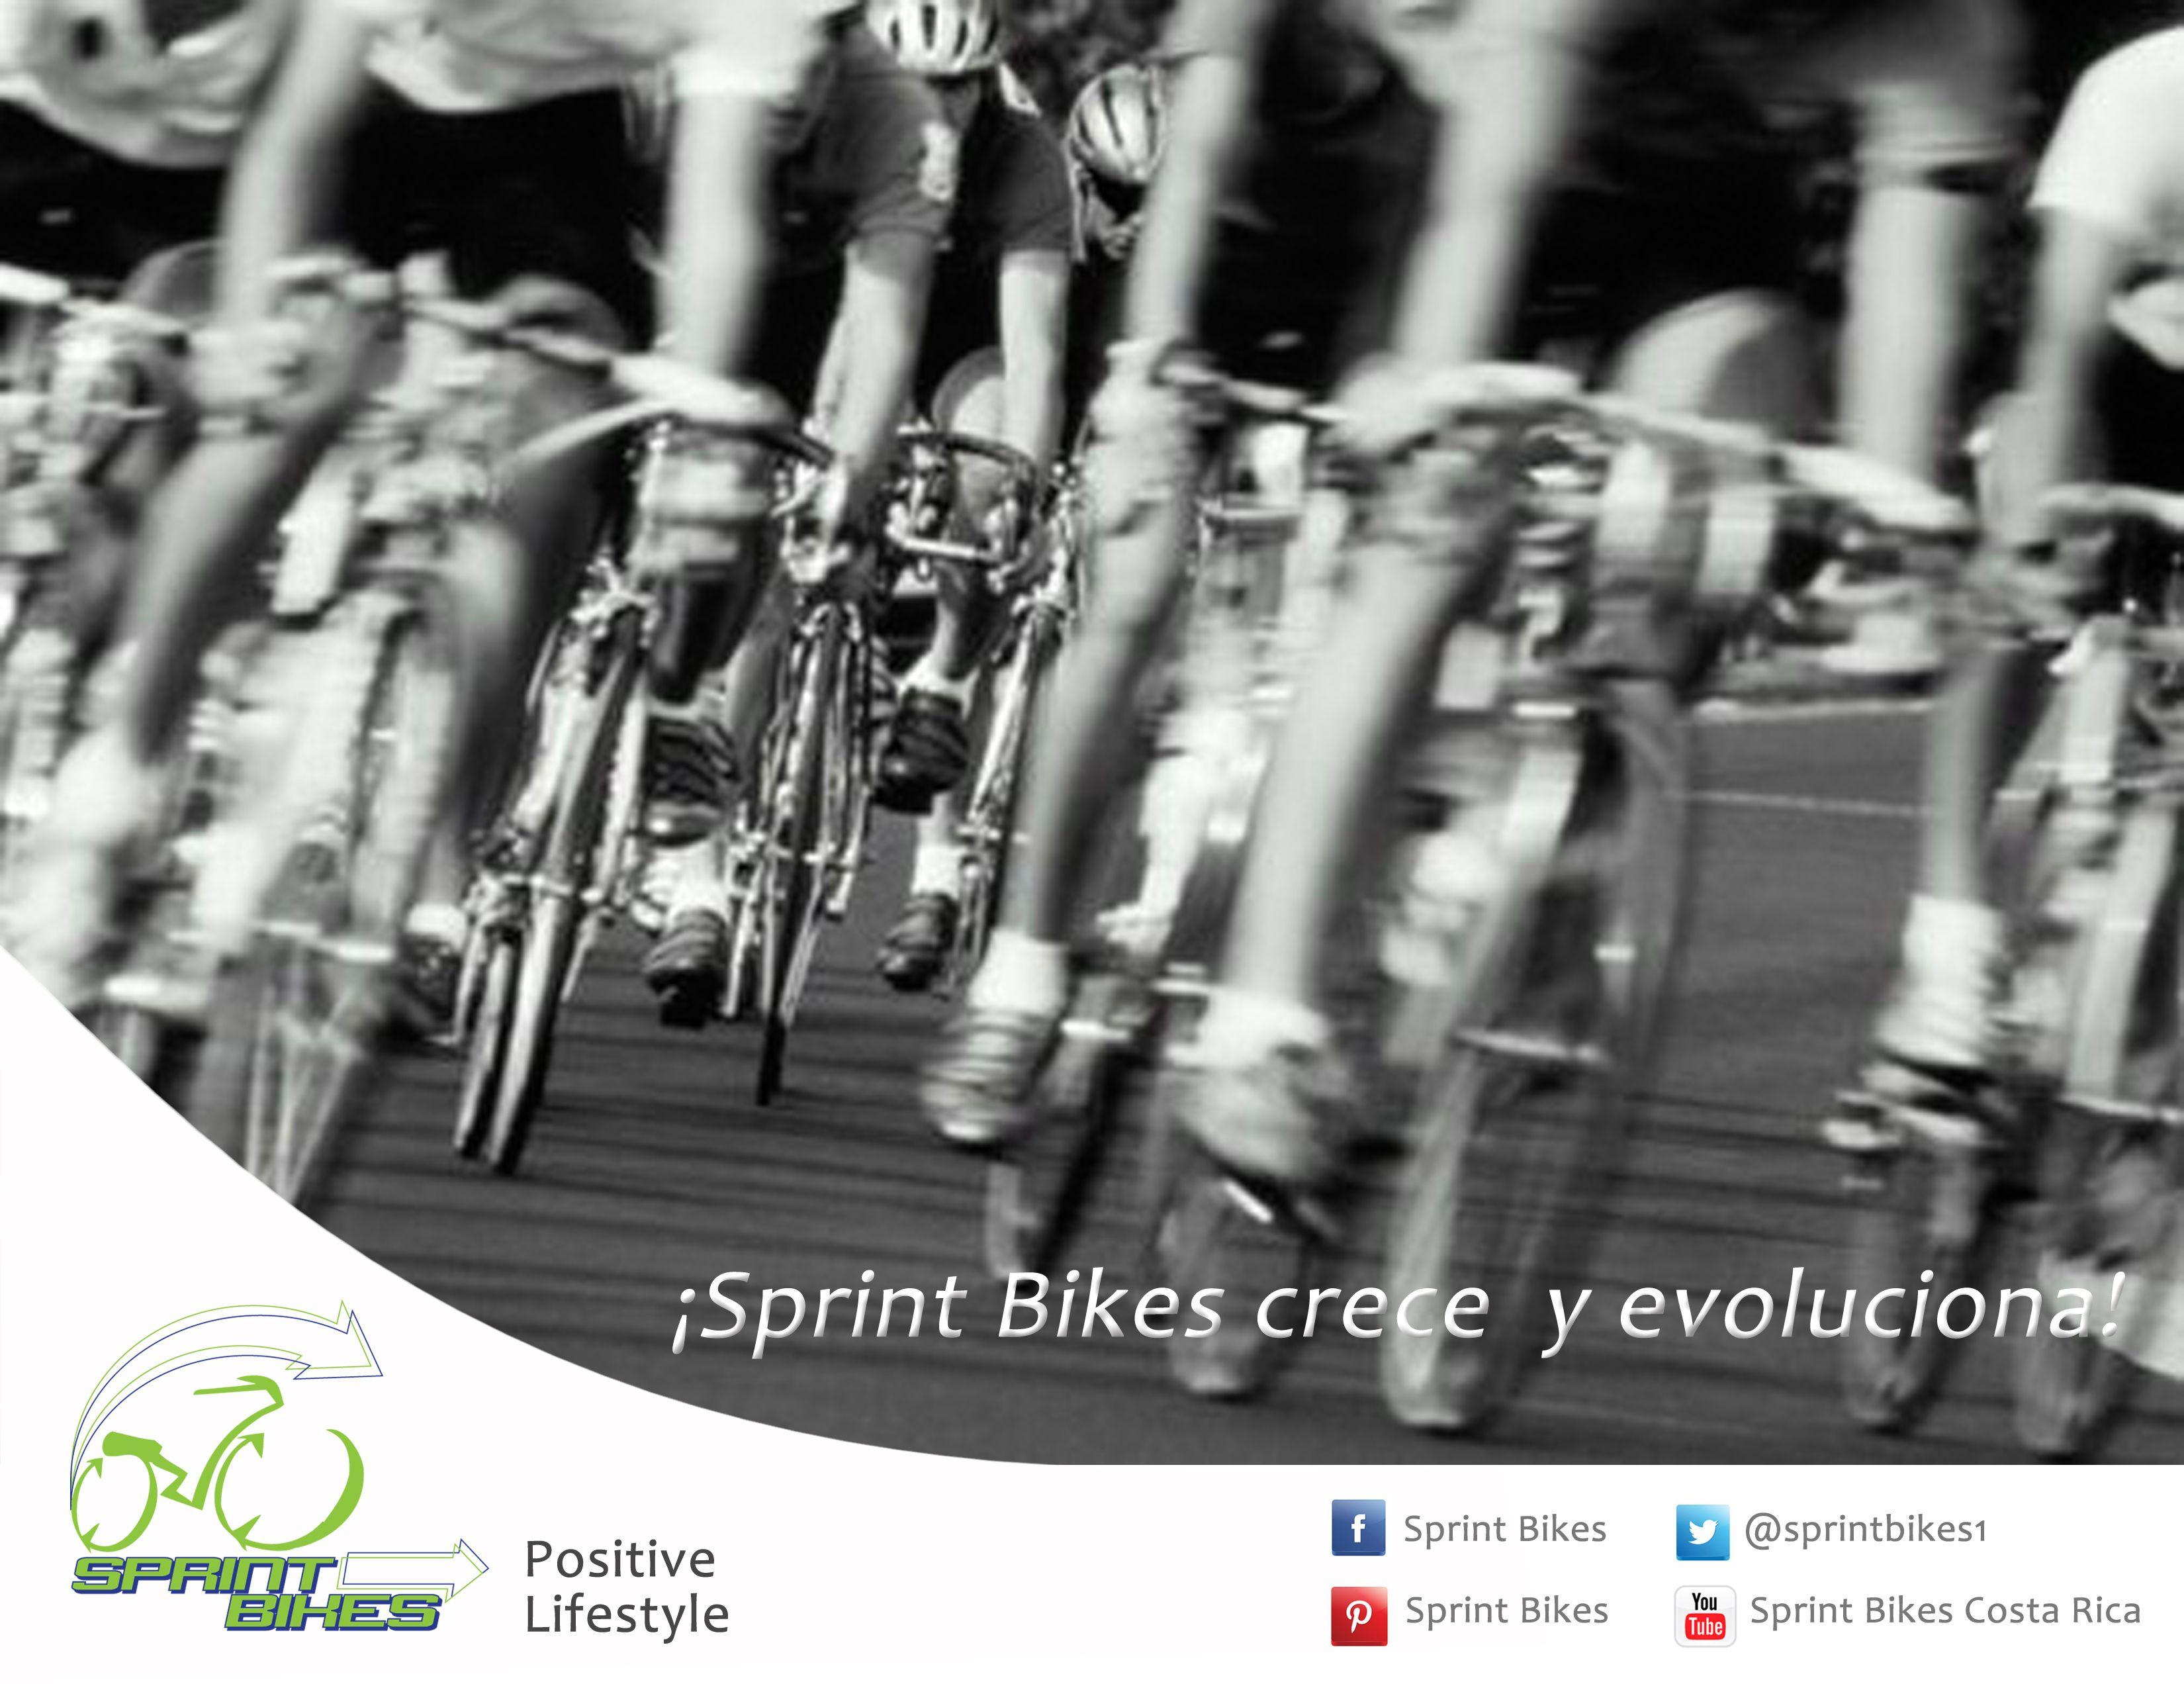 ¡Sprint Bikes crece y evoluciona! Muy pronto...